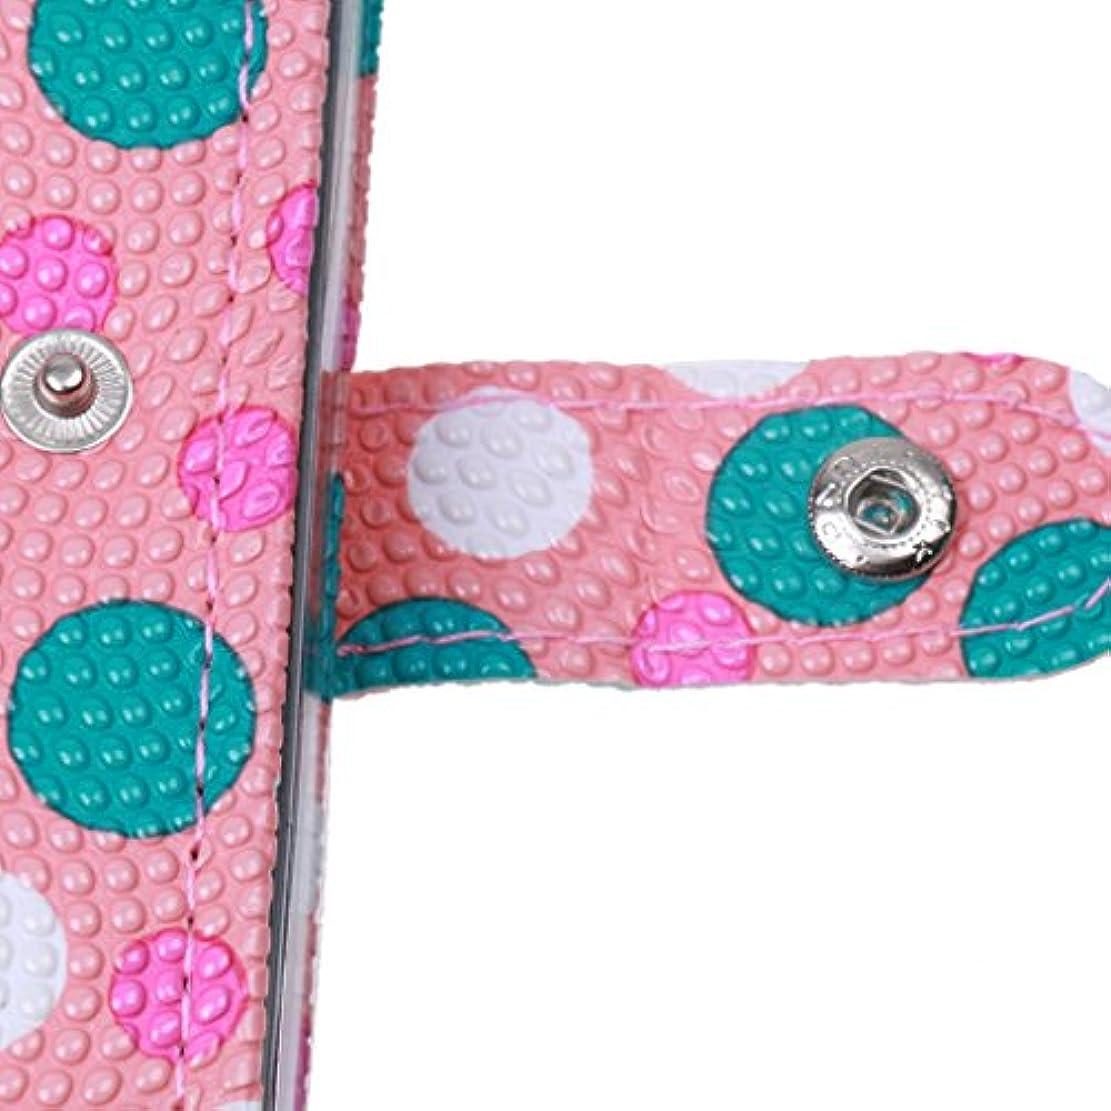 コールいっぱい沼地CUTICATE アイシャドウメイクのきらめきマットアイシャドウパレットはピンクの携帯18colors